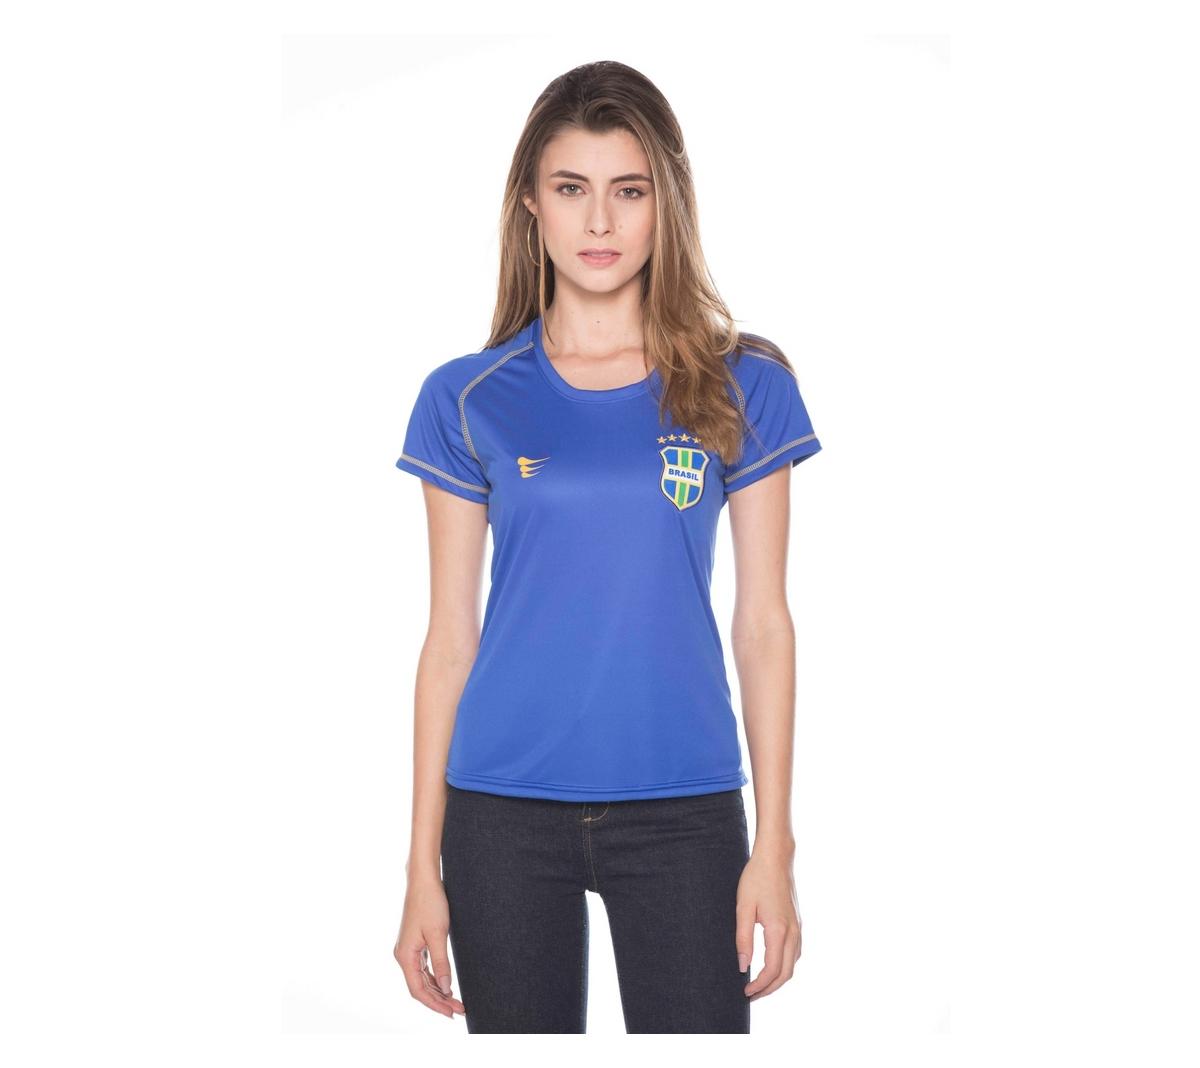 412db95d074 Jersey - Women Brazil Away World Cup Official 2018 Jersey Football Jersey  Onli